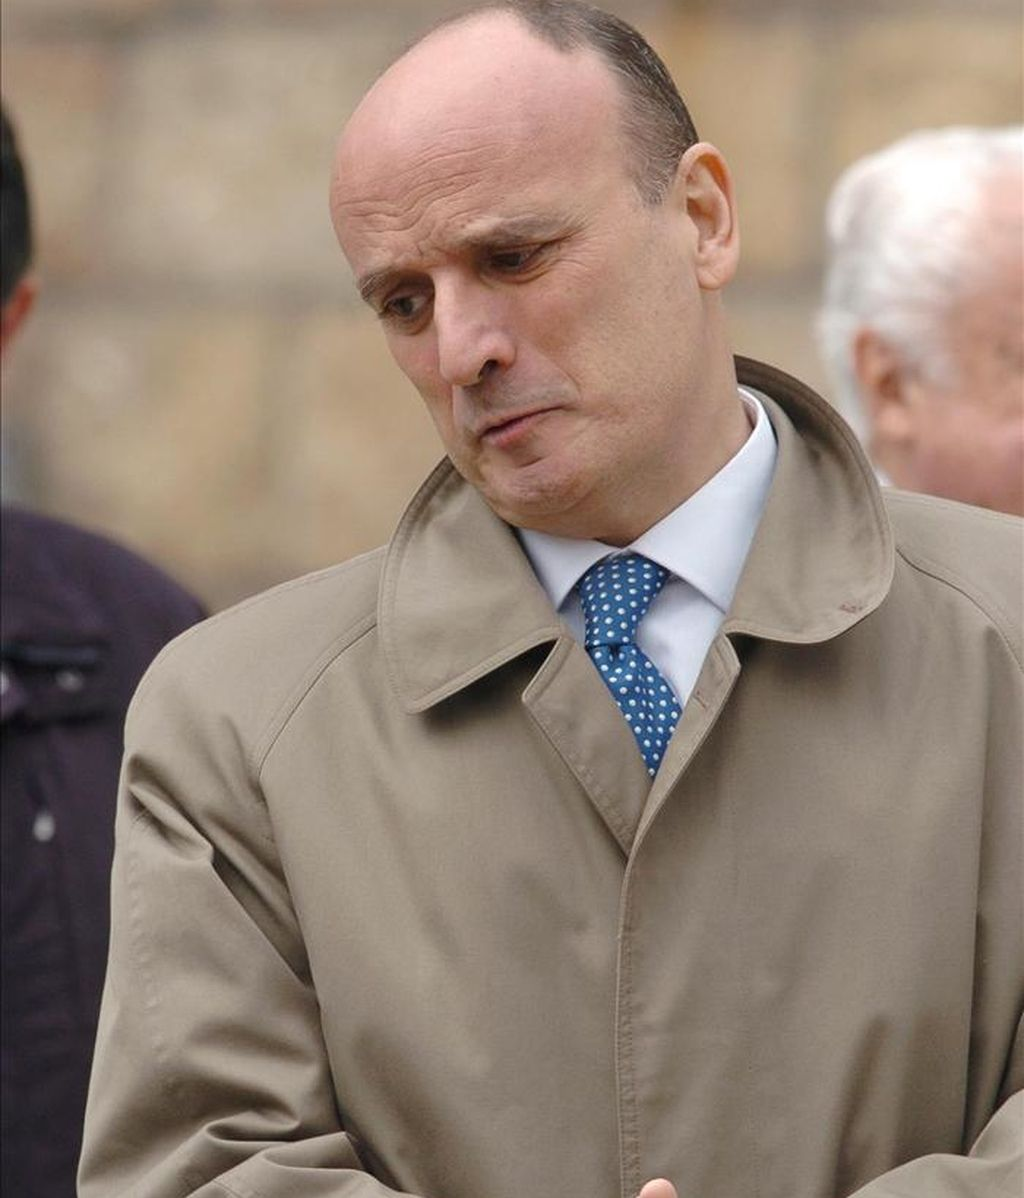 En la imagen, el ex director general de la Agencia Tributaria Ignacio Ruiz Jarabo. EFE/Archivo